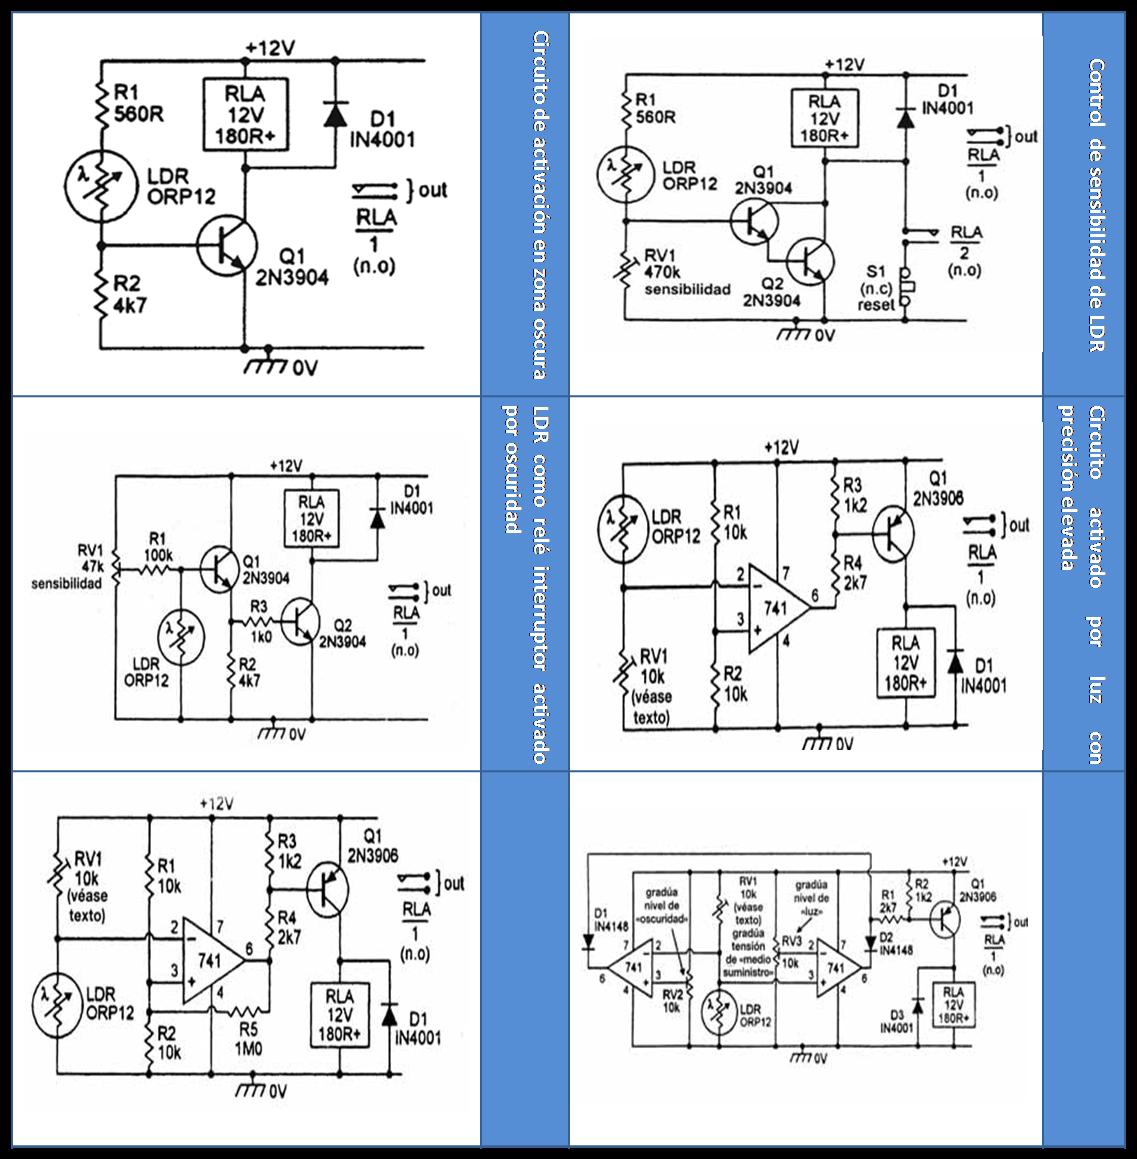 Light Dependent Resistor Ldr Electrnica Radical Circuit Diagram On A Continuacin Se Presentan Algunos Ejemplos De Circuitos Con